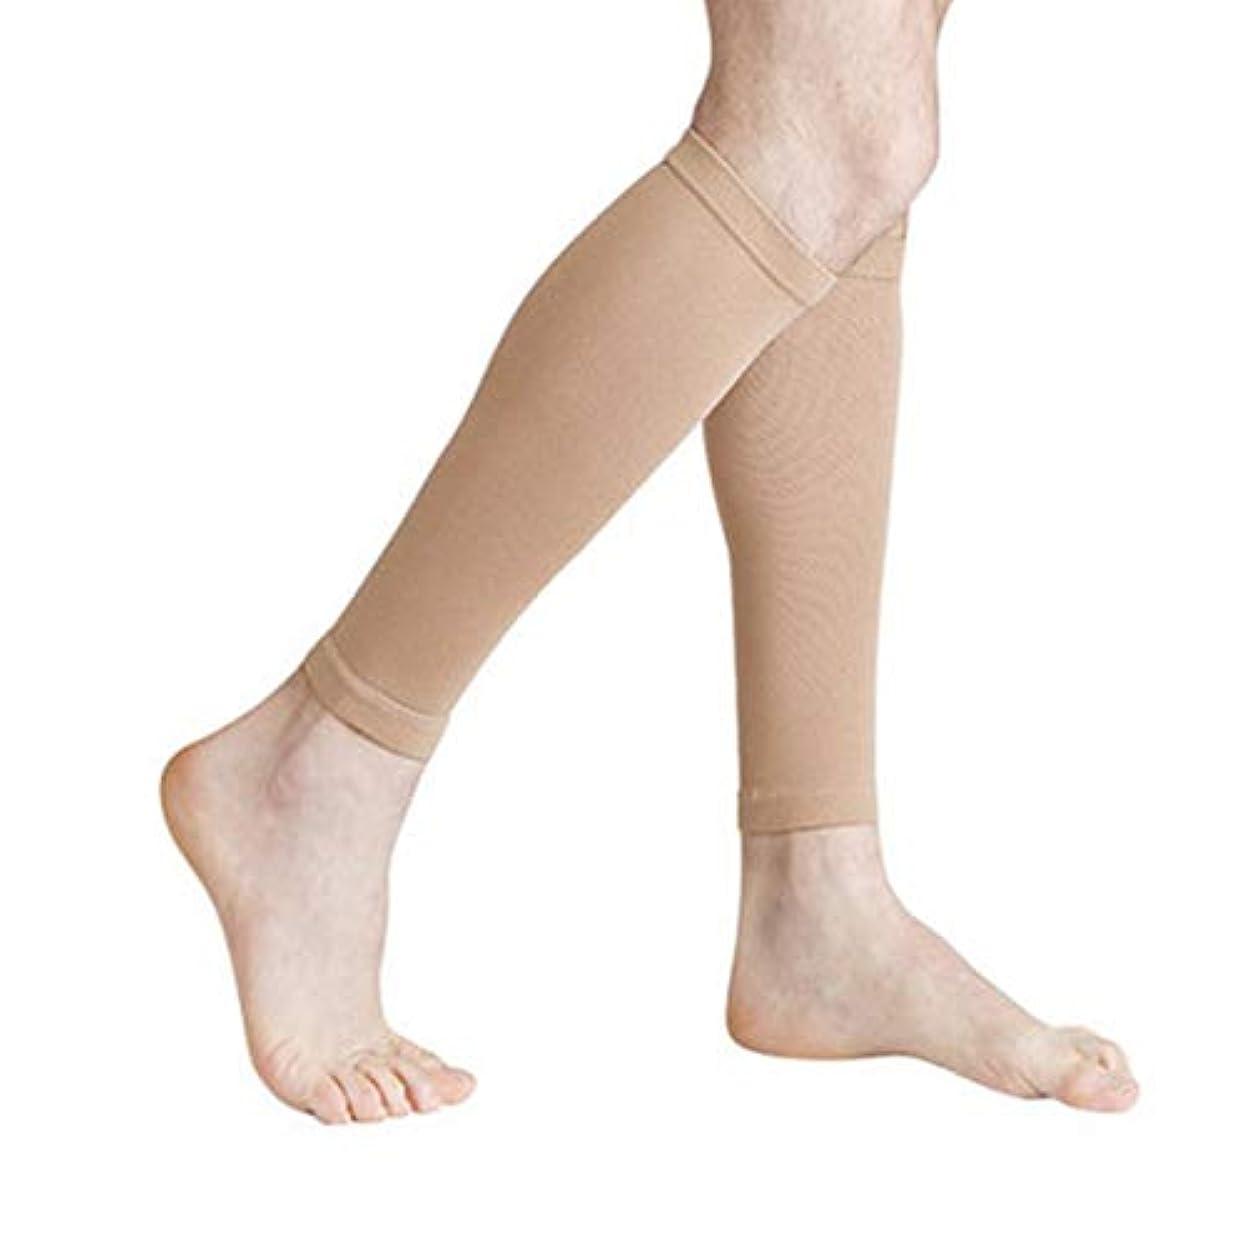 口ひげ救急車めんどり丈夫な男性女性プロの圧縮靴下通気性のある旅行活動看護師用シントスプリントフライトトラベル - 肌色